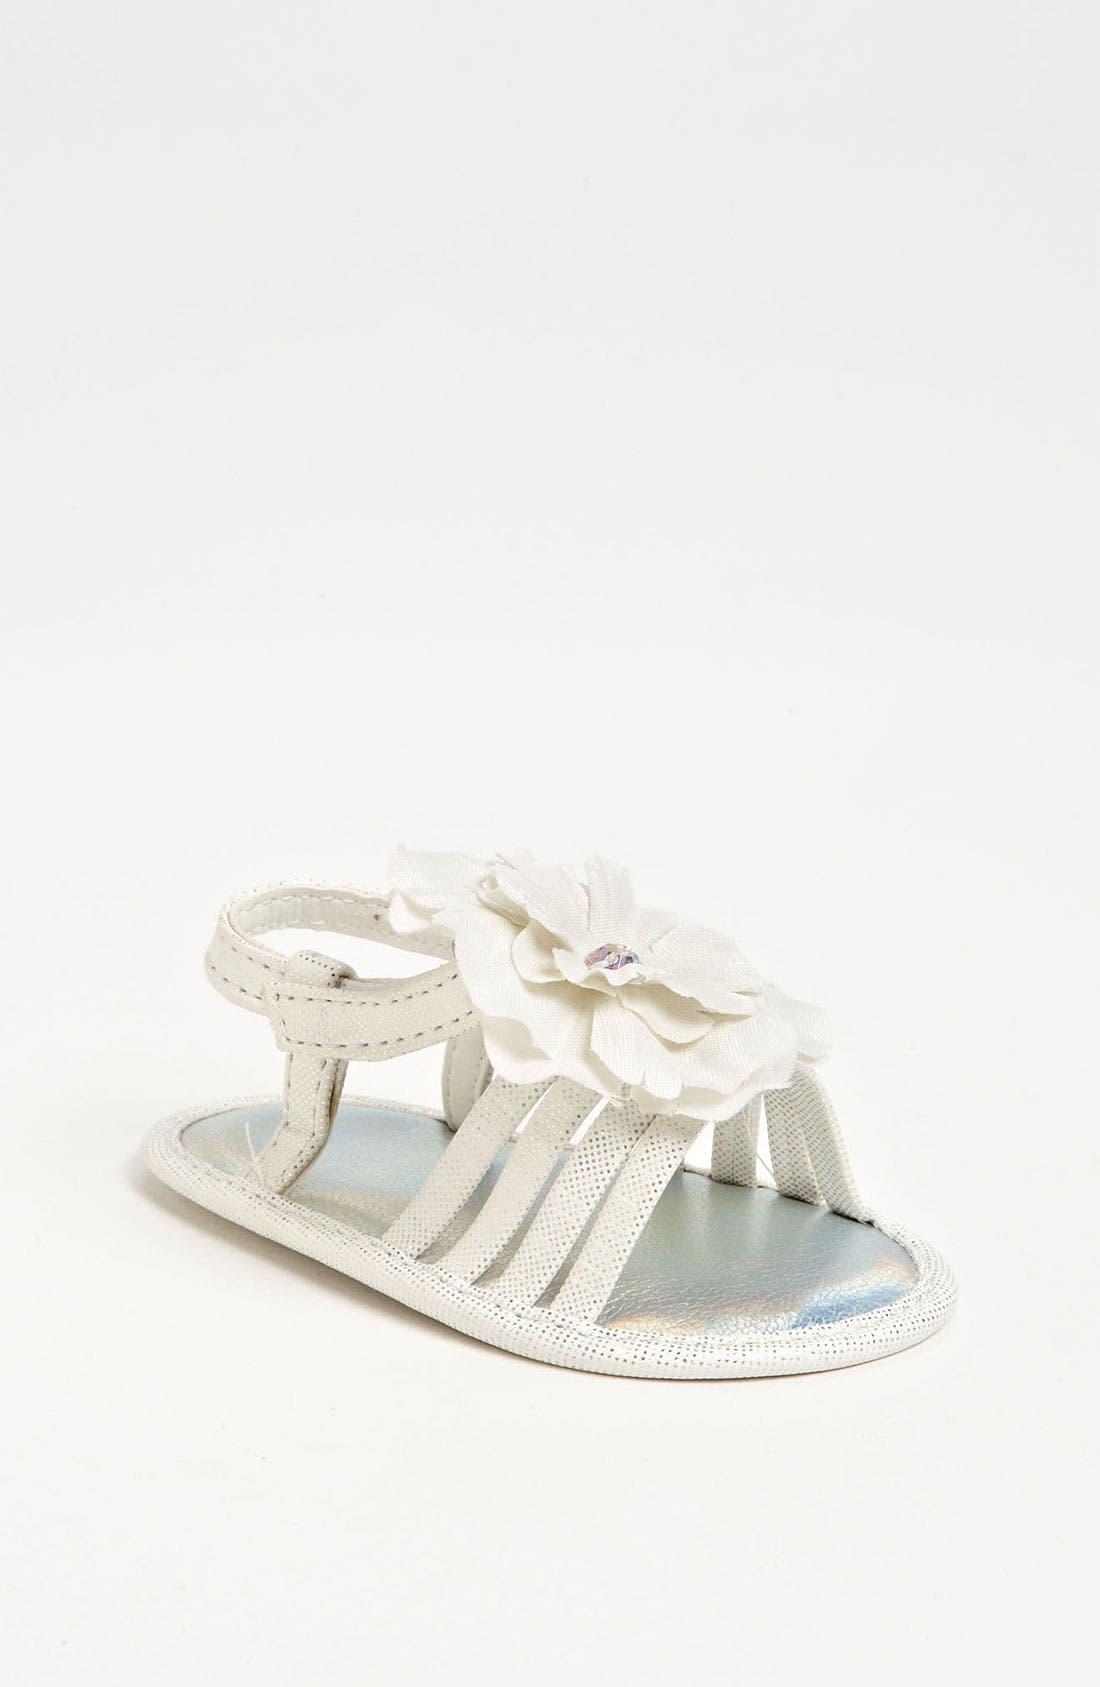 Main Image - Stuart Weitzman 'Babybuddy' Sandal (Baby)